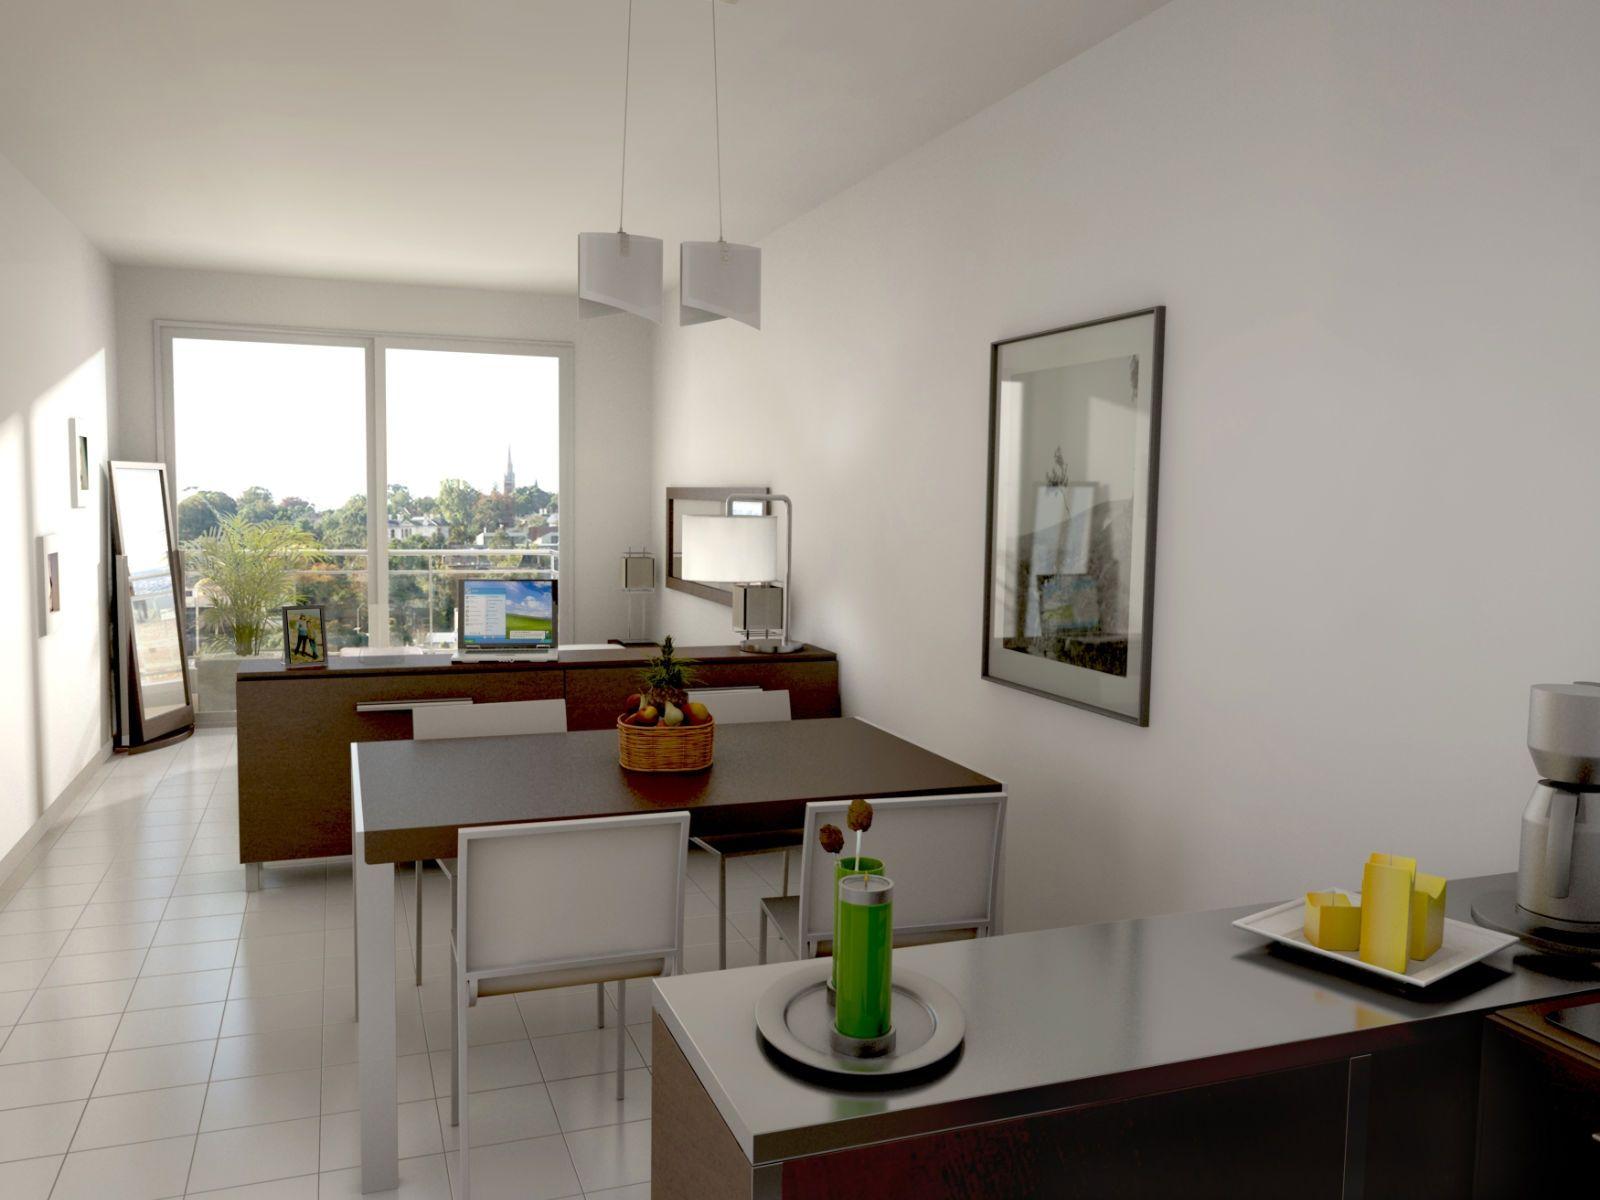 Monoambiente1 Jpg 1600 1200 Deco Casa Pinterest Deco Y  # Muebles Separadores Para Monoambientes